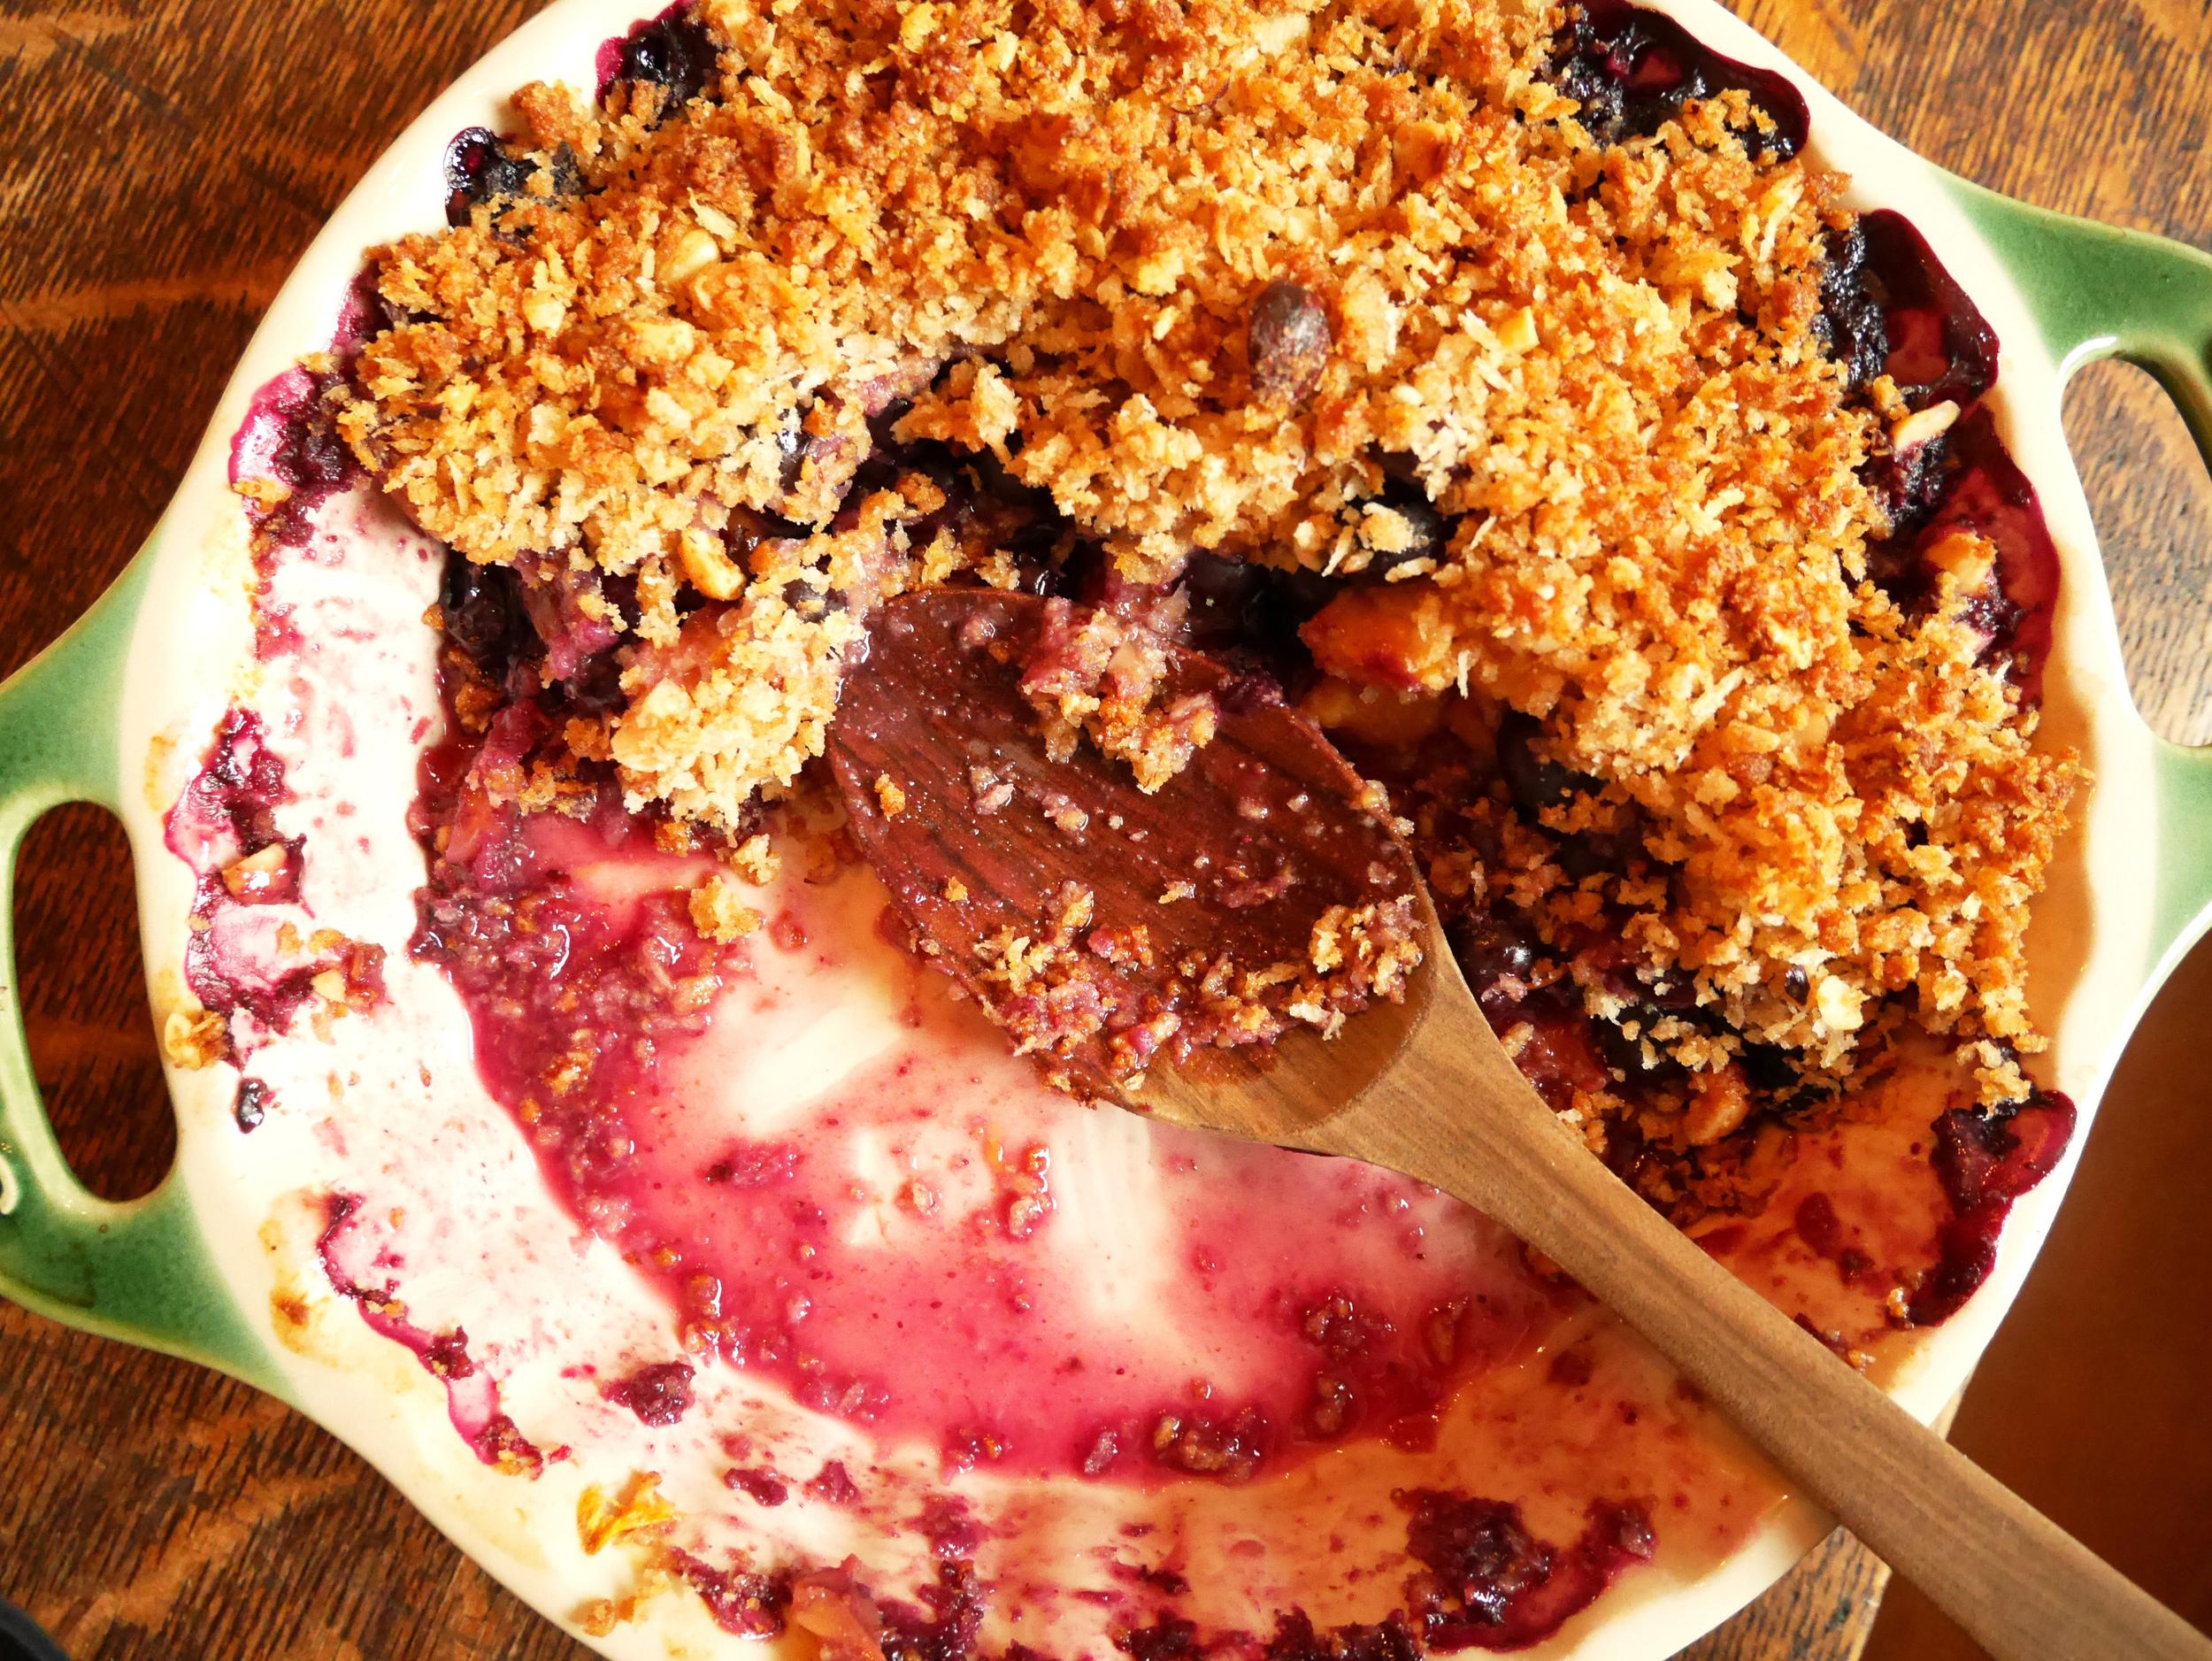 Summer Okanagan blueberry & peach crisp